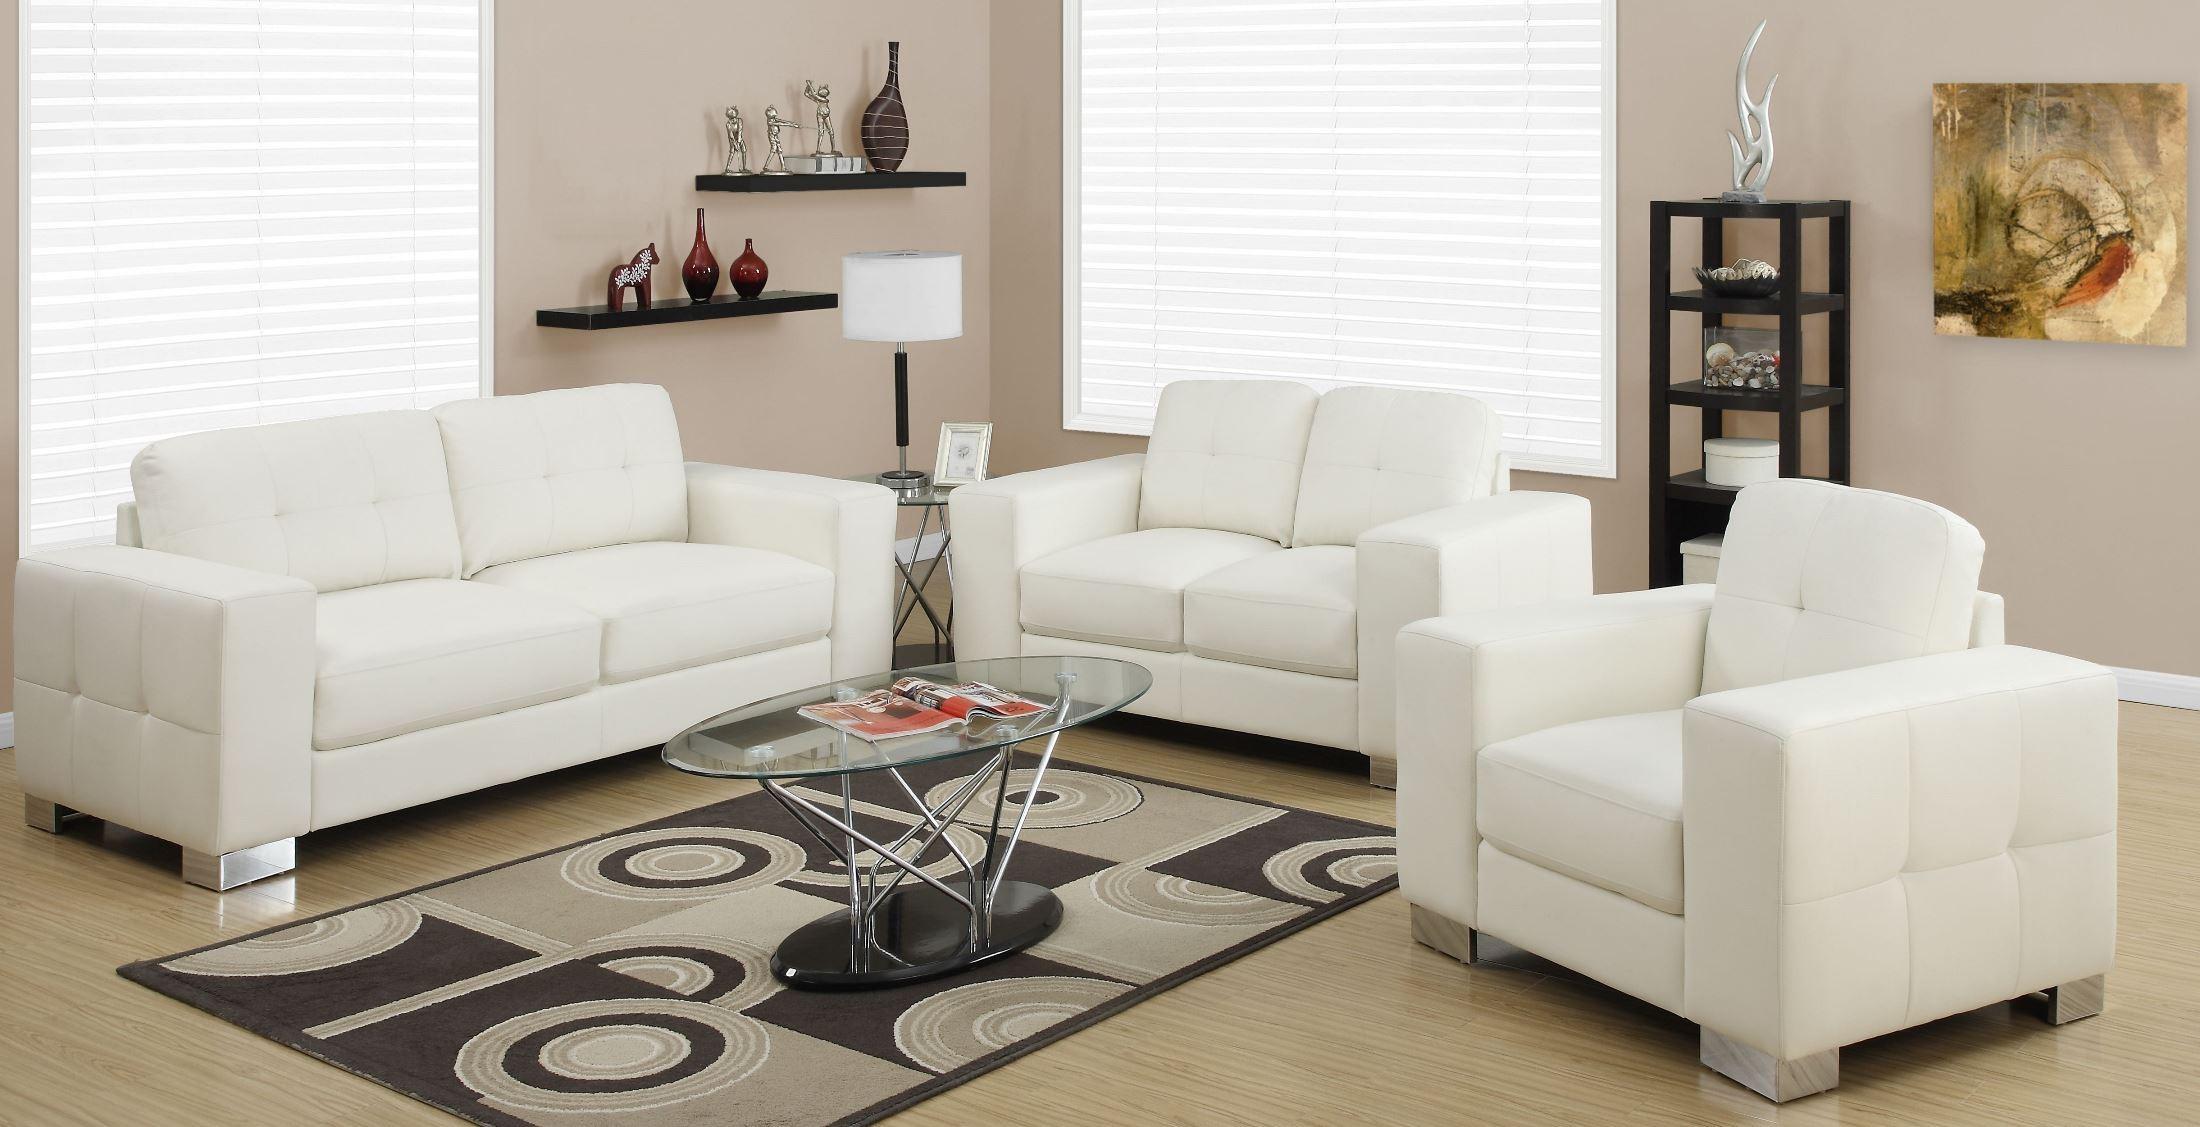 8223iv ivory bonded leather living room set 8223iv monarch Ivory leather living room furniture